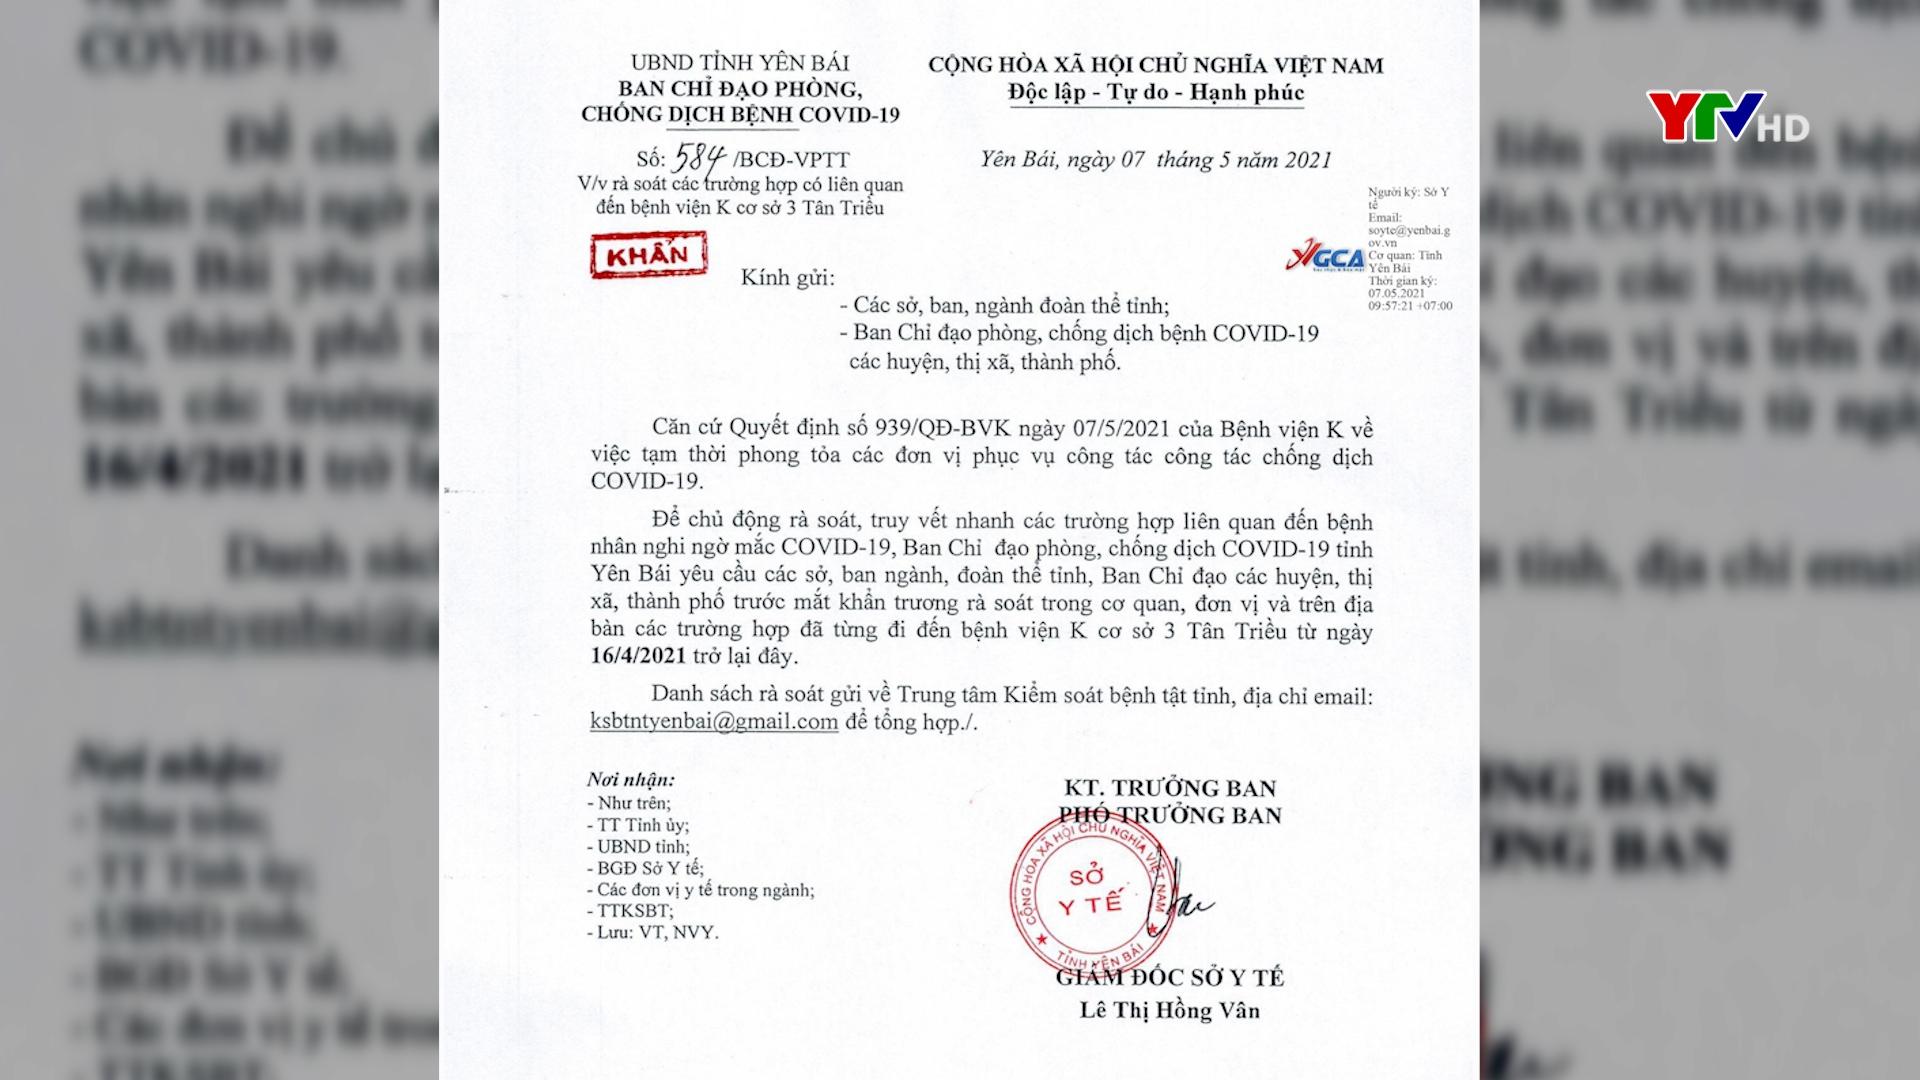 Yên Bái yêu cầu rà soát các trường hợp có liên quan đến Bệnh viện K cơ sở 3 Tân Triều từ ngày 16/4 trở lại đây